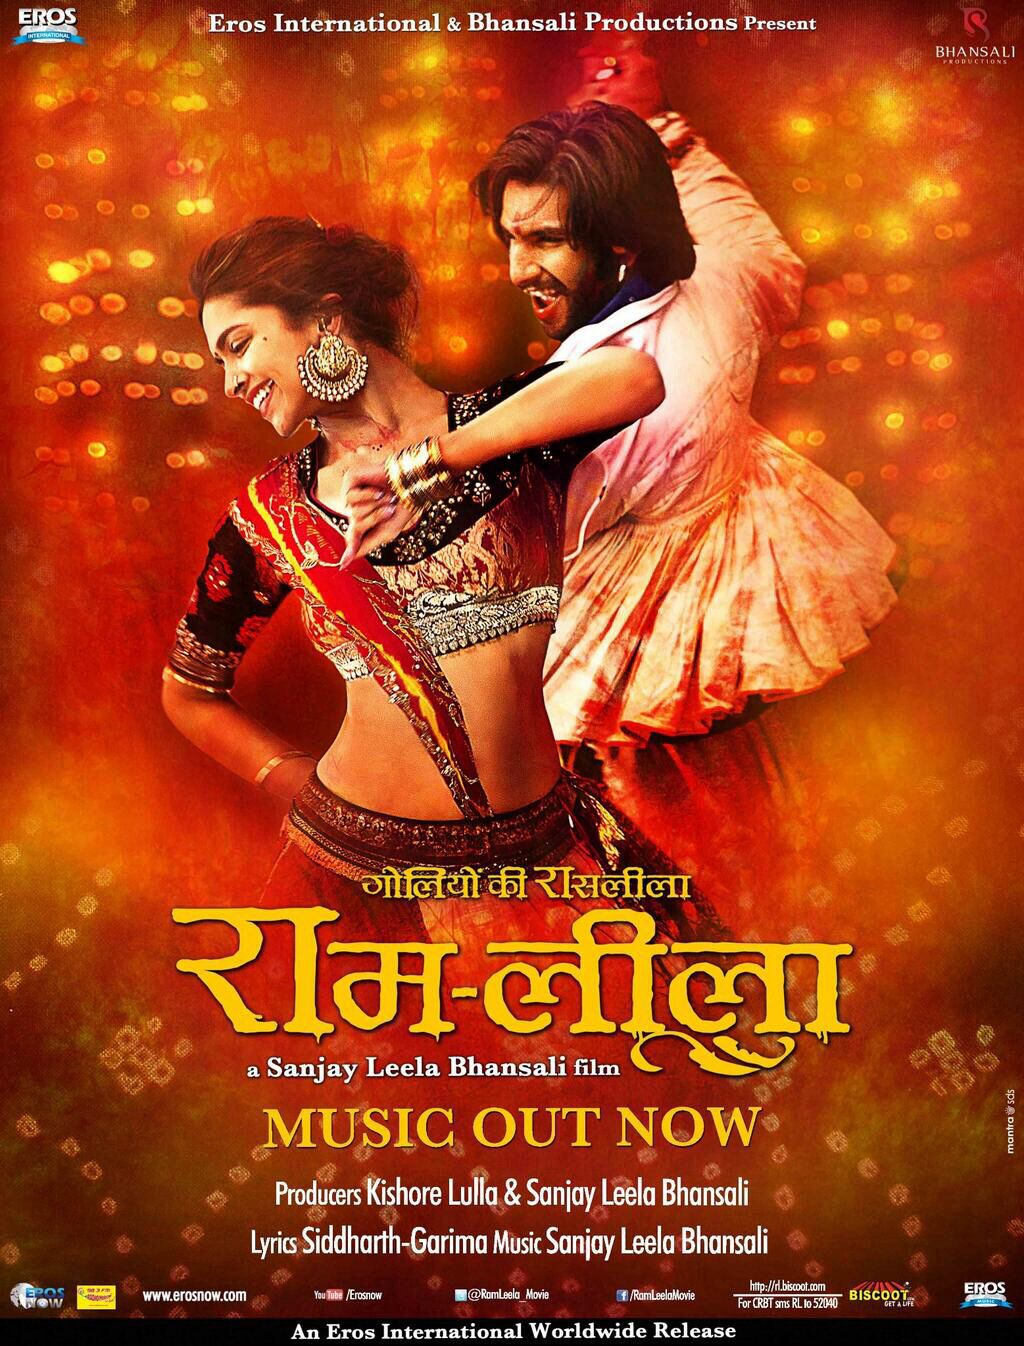 Ram Leela Poster Feat Deepika Padukone And Ranveer Singh Leela Movie Hindi Movies Movies By Genre